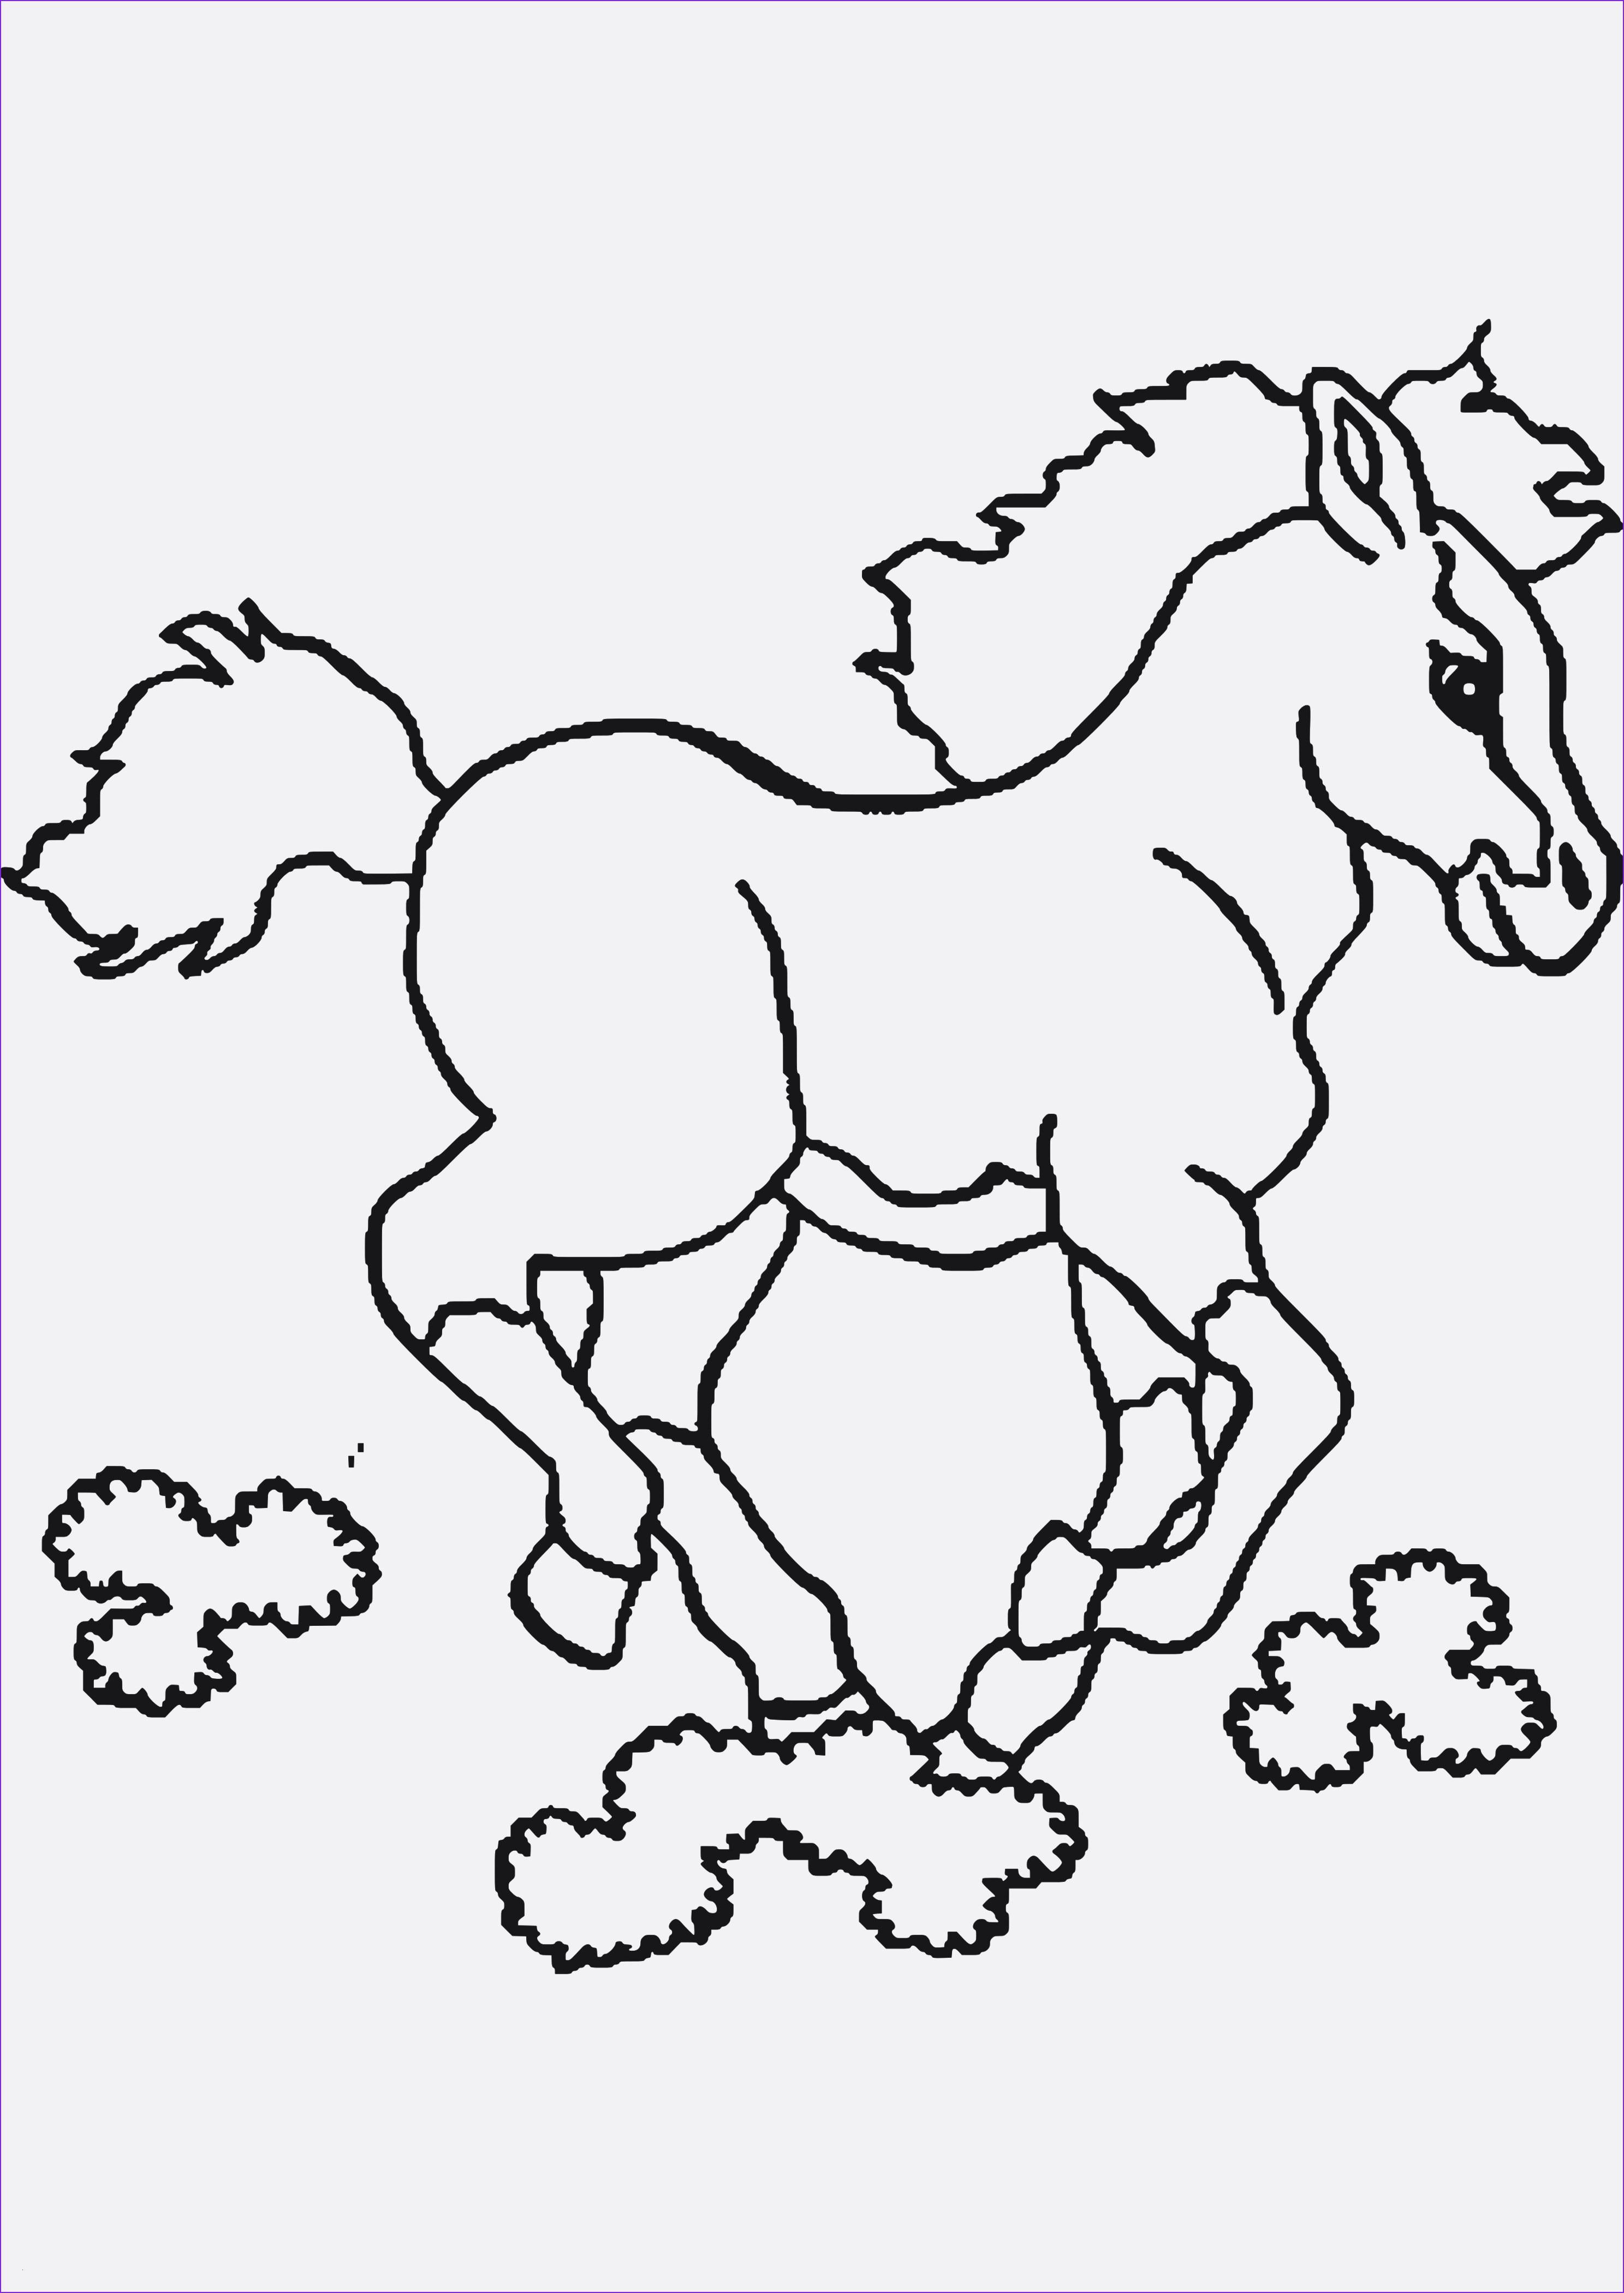 Pferde Ausmalbilder Zum Drucken Inspirierend Malvorlagen Igel Best Igel Grundschule 0d Archives Uploadertalk Das Bild